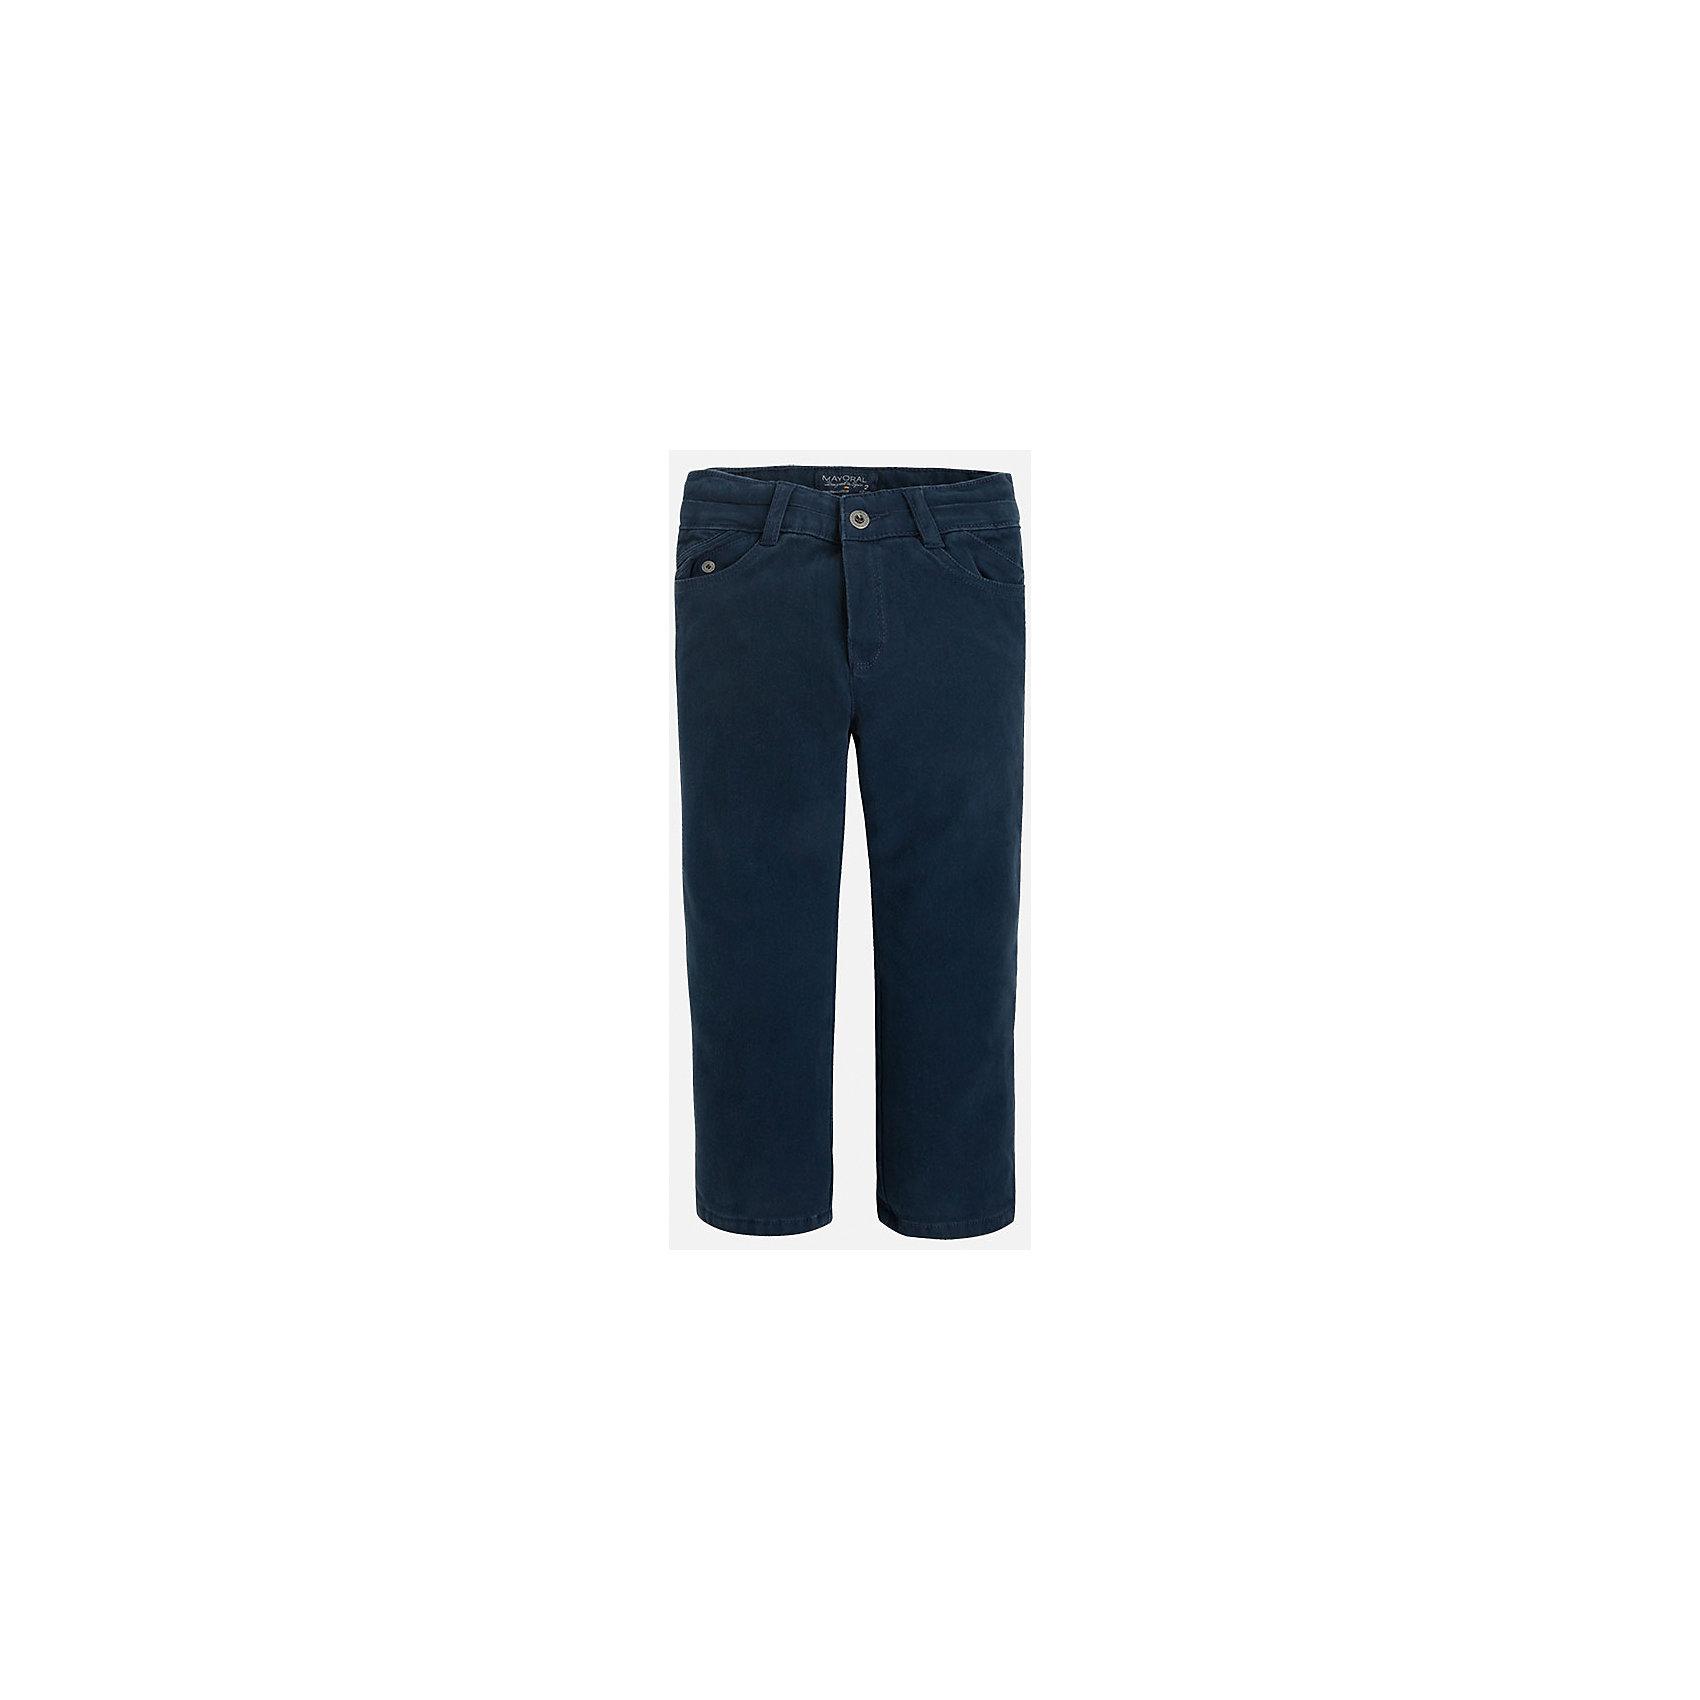 Брюки для мальчика MayoralУниверсальные брюки темно-синего цвета всегда должны быть в гардеробе юного мужчины!<br>У брюк классическая посадка и прямой крой, так же они долговечны и очень удобны в носке.<br><br>Дополнительная информация:<br><br>- Крой: прямой крой.<br>- Страна бренда: Испания.<br>- Состав: хлопок 97%, эластан 3%.<br>- Подкладка: хлопок 100%.<br>- Цвет: синий.<br>- Уход: бережная стирка при 30 градусах.<br><br>Купить брюки для мальчика Mayoral можно в нашем магазине.<br><br>Ширина мм: 215<br>Глубина мм: 88<br>Высота мм: 191<br>Вес г: 336<br>Цвет: синий<br>Возраст от месяцев: 48<br>Возраст до месяцев: 60<br>Пол: Мужской<br>Возраст: Детский<br>Размер: 110,122,104,98,116,134,128<br>SKU: 4826405